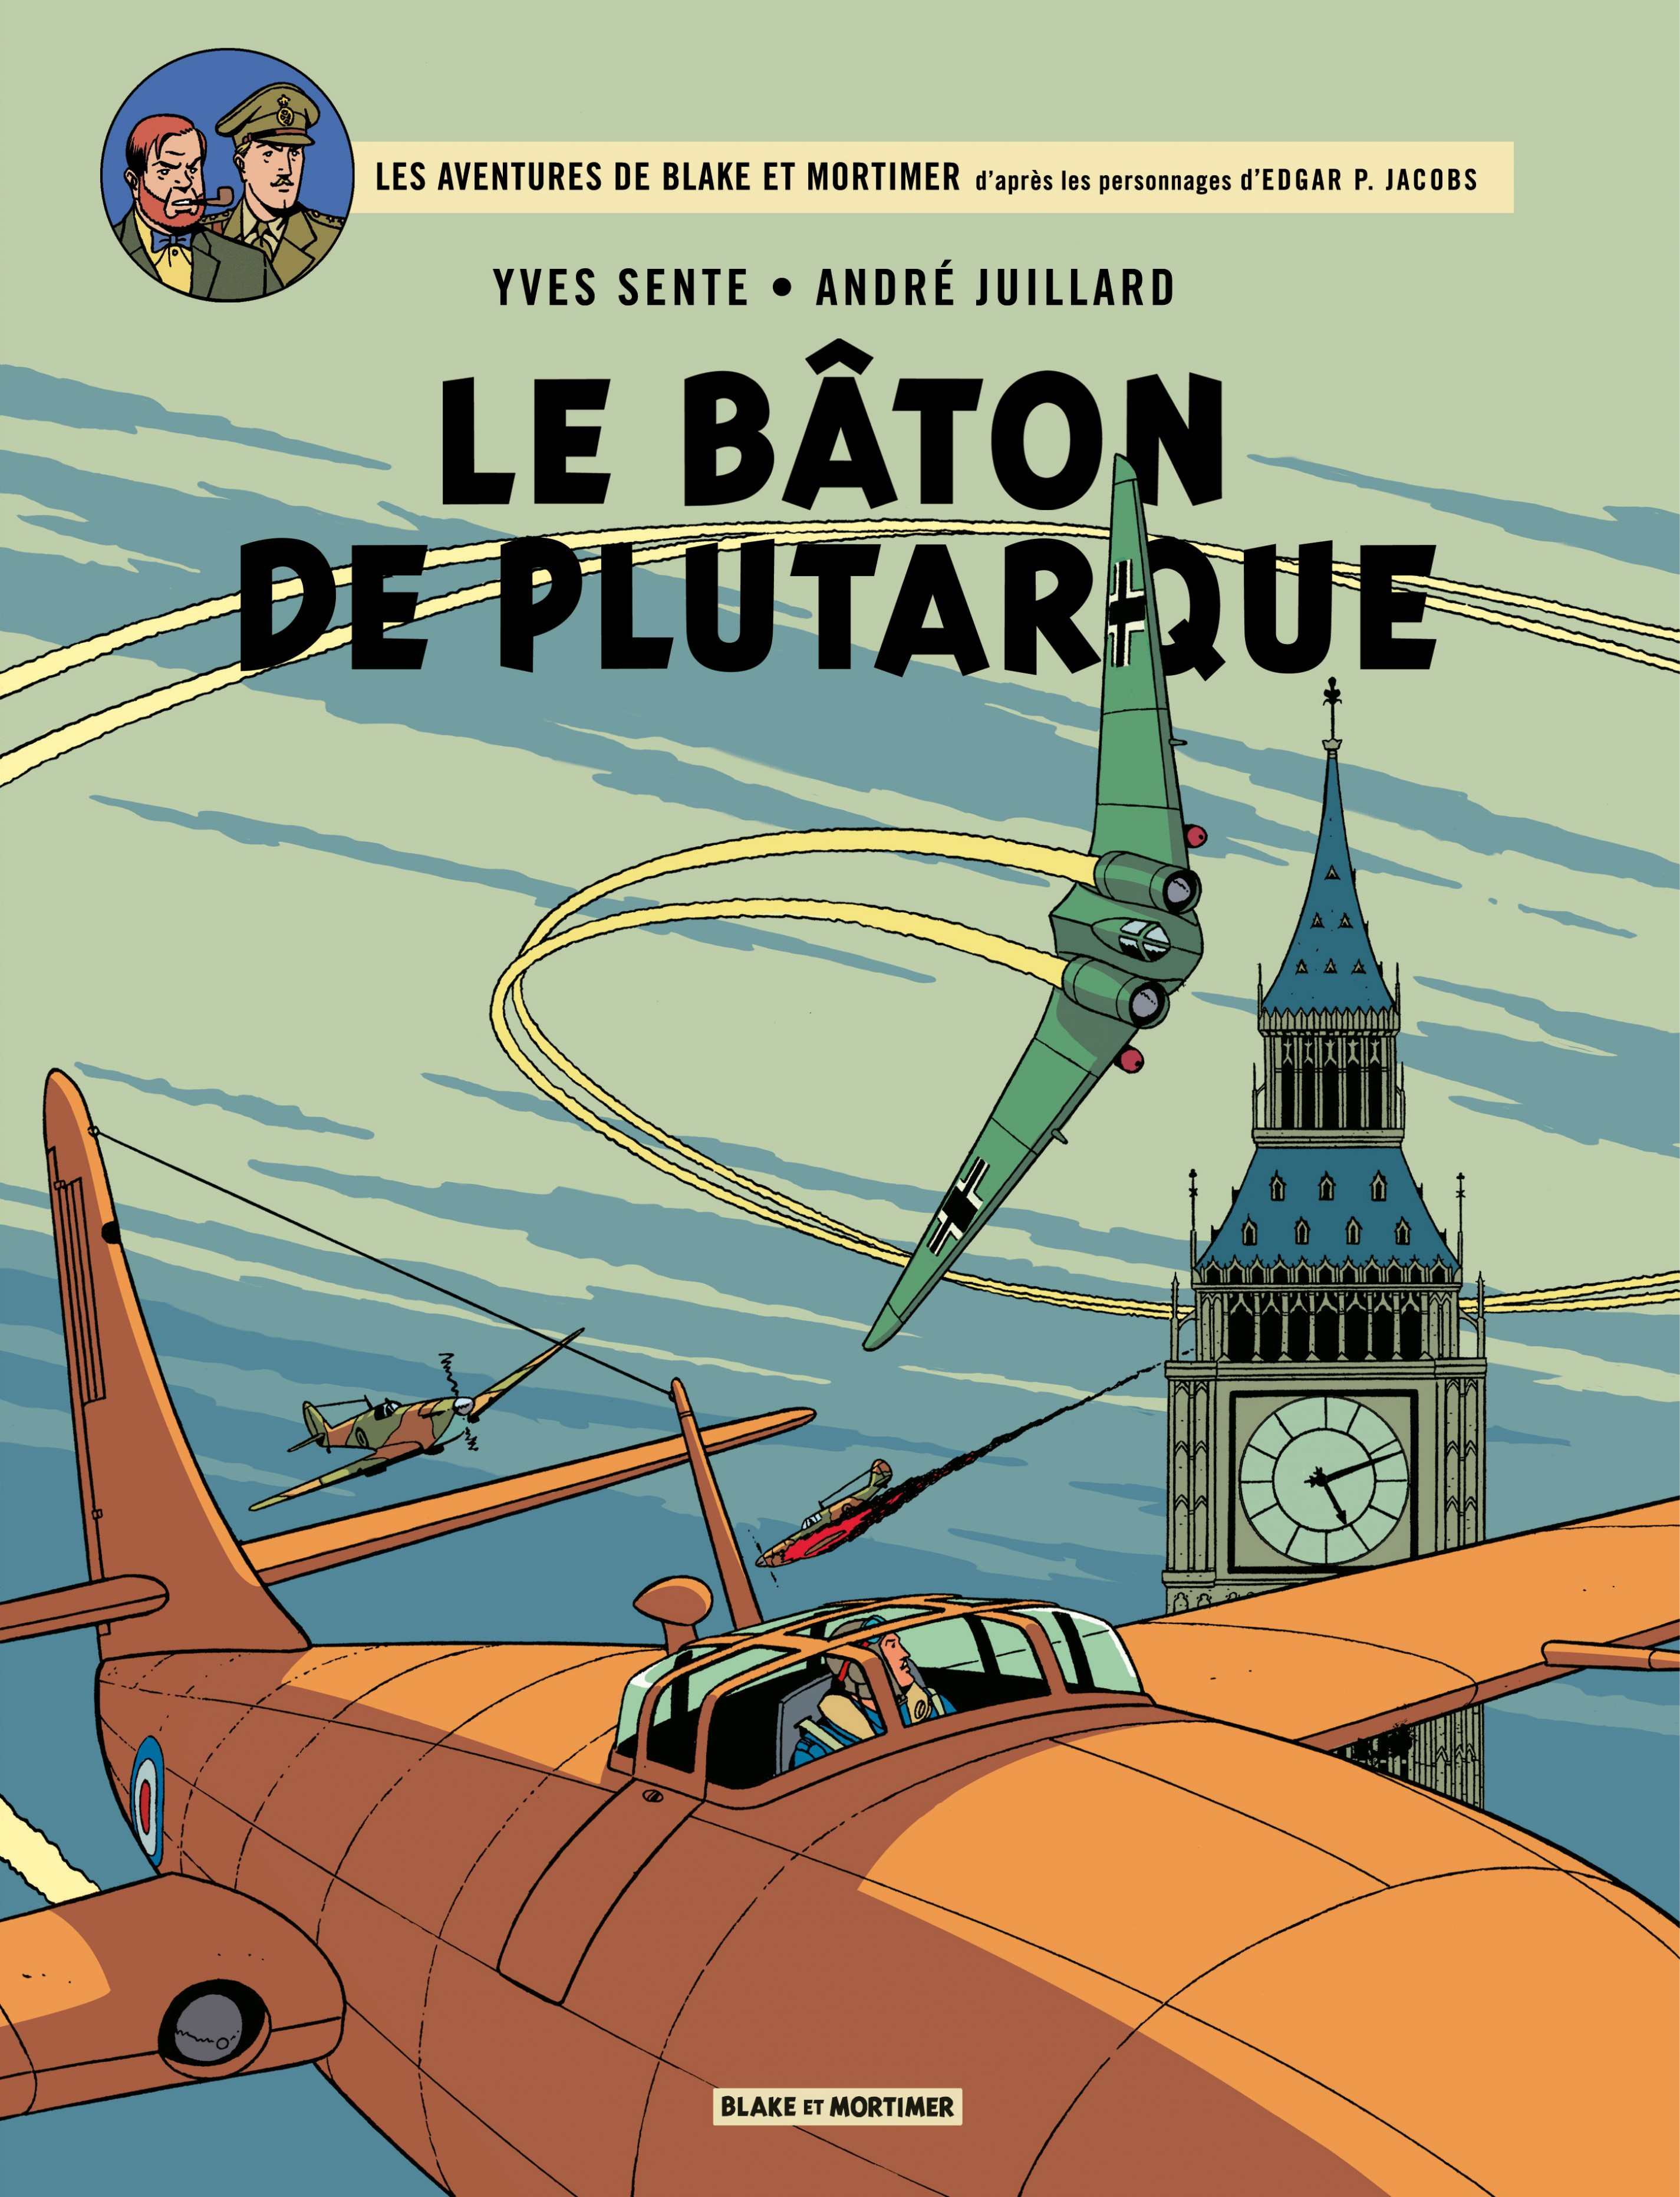 Blake et Mortimer - Tome 23 - Bâton de Plutarque (Le)